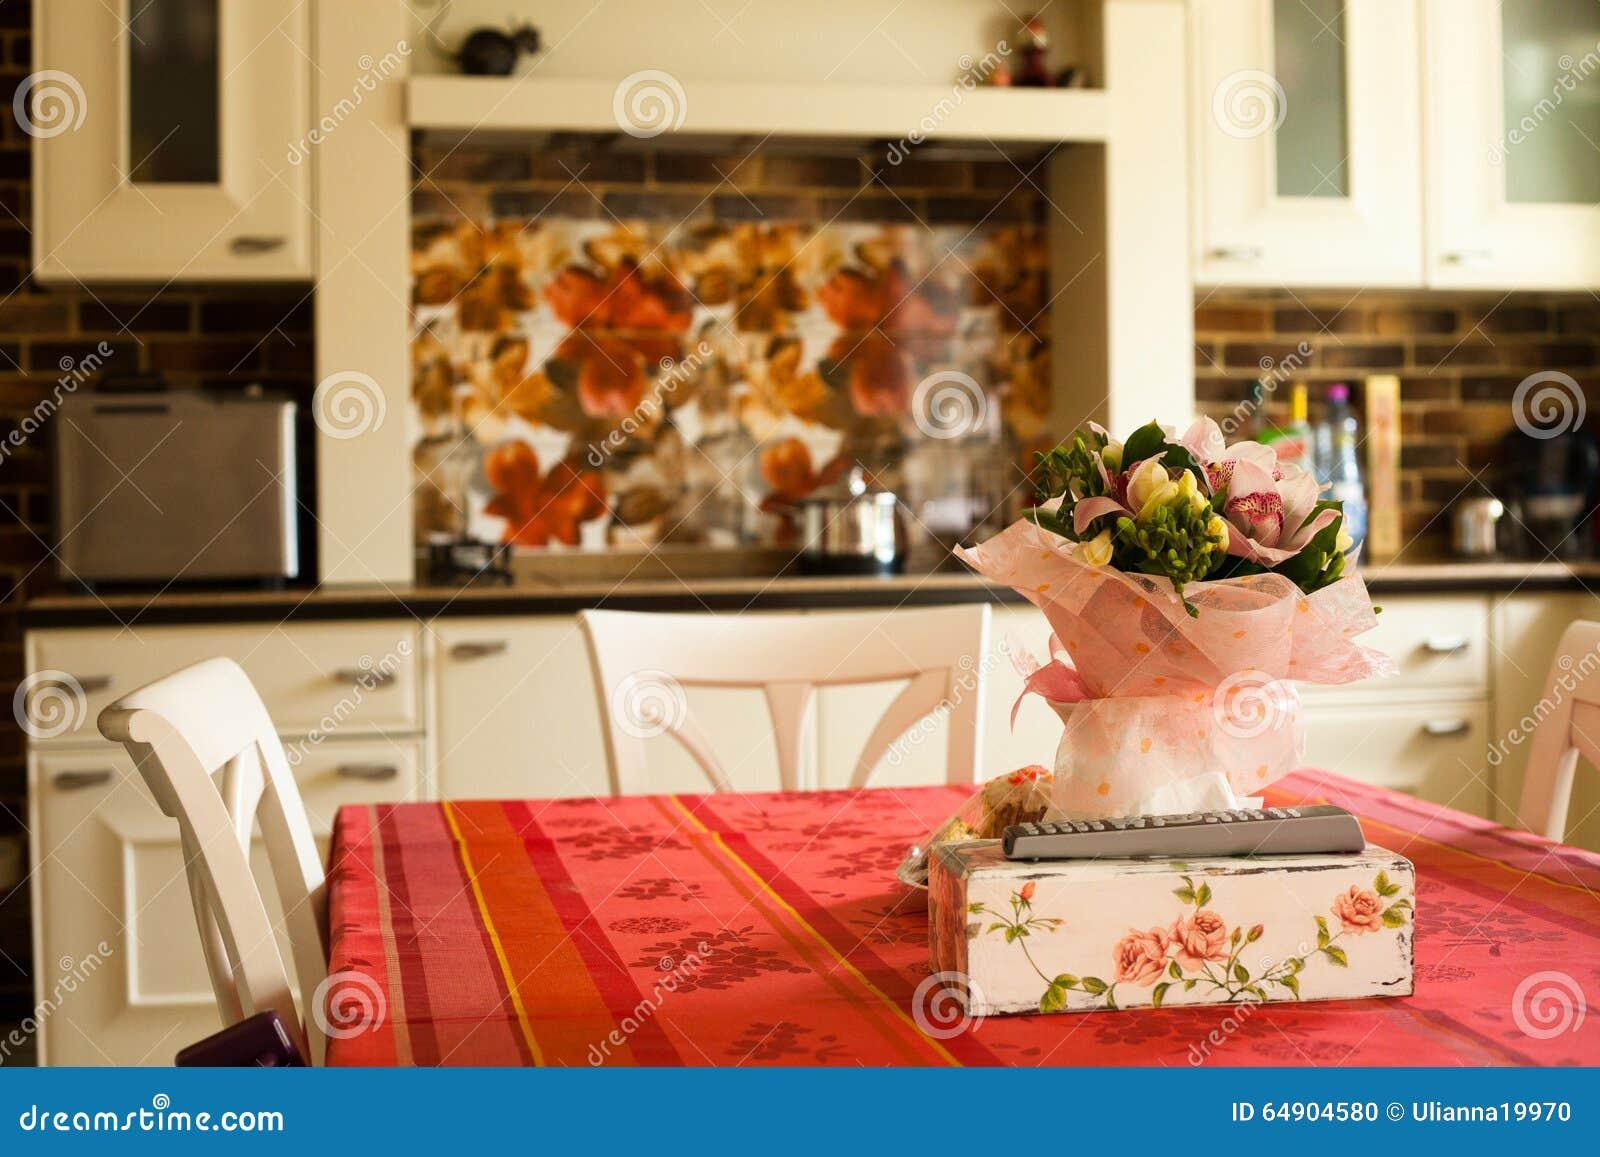 Keuken modern binnenland met rood tafelkleed stock foto ...